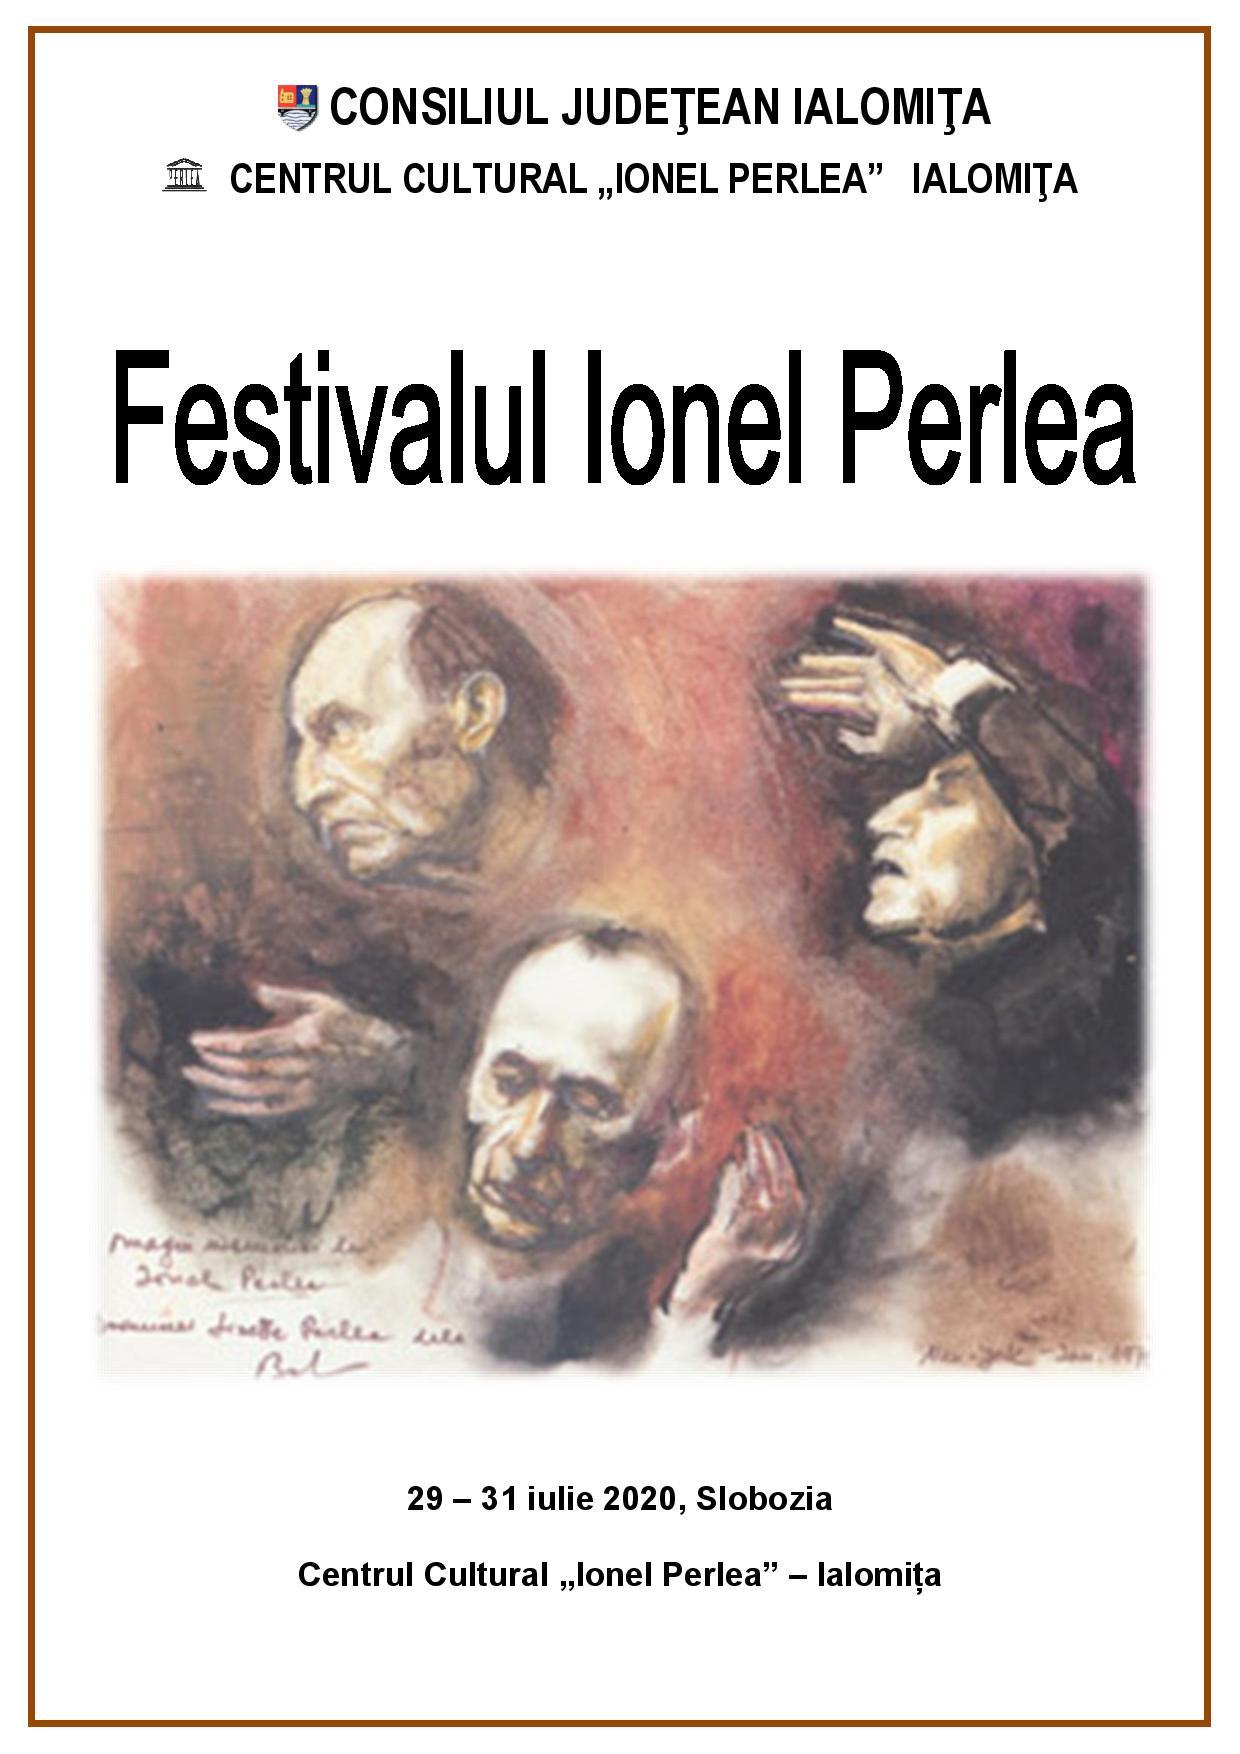 PROGRAMUL FESTIVALULUI IONEL PERLEA